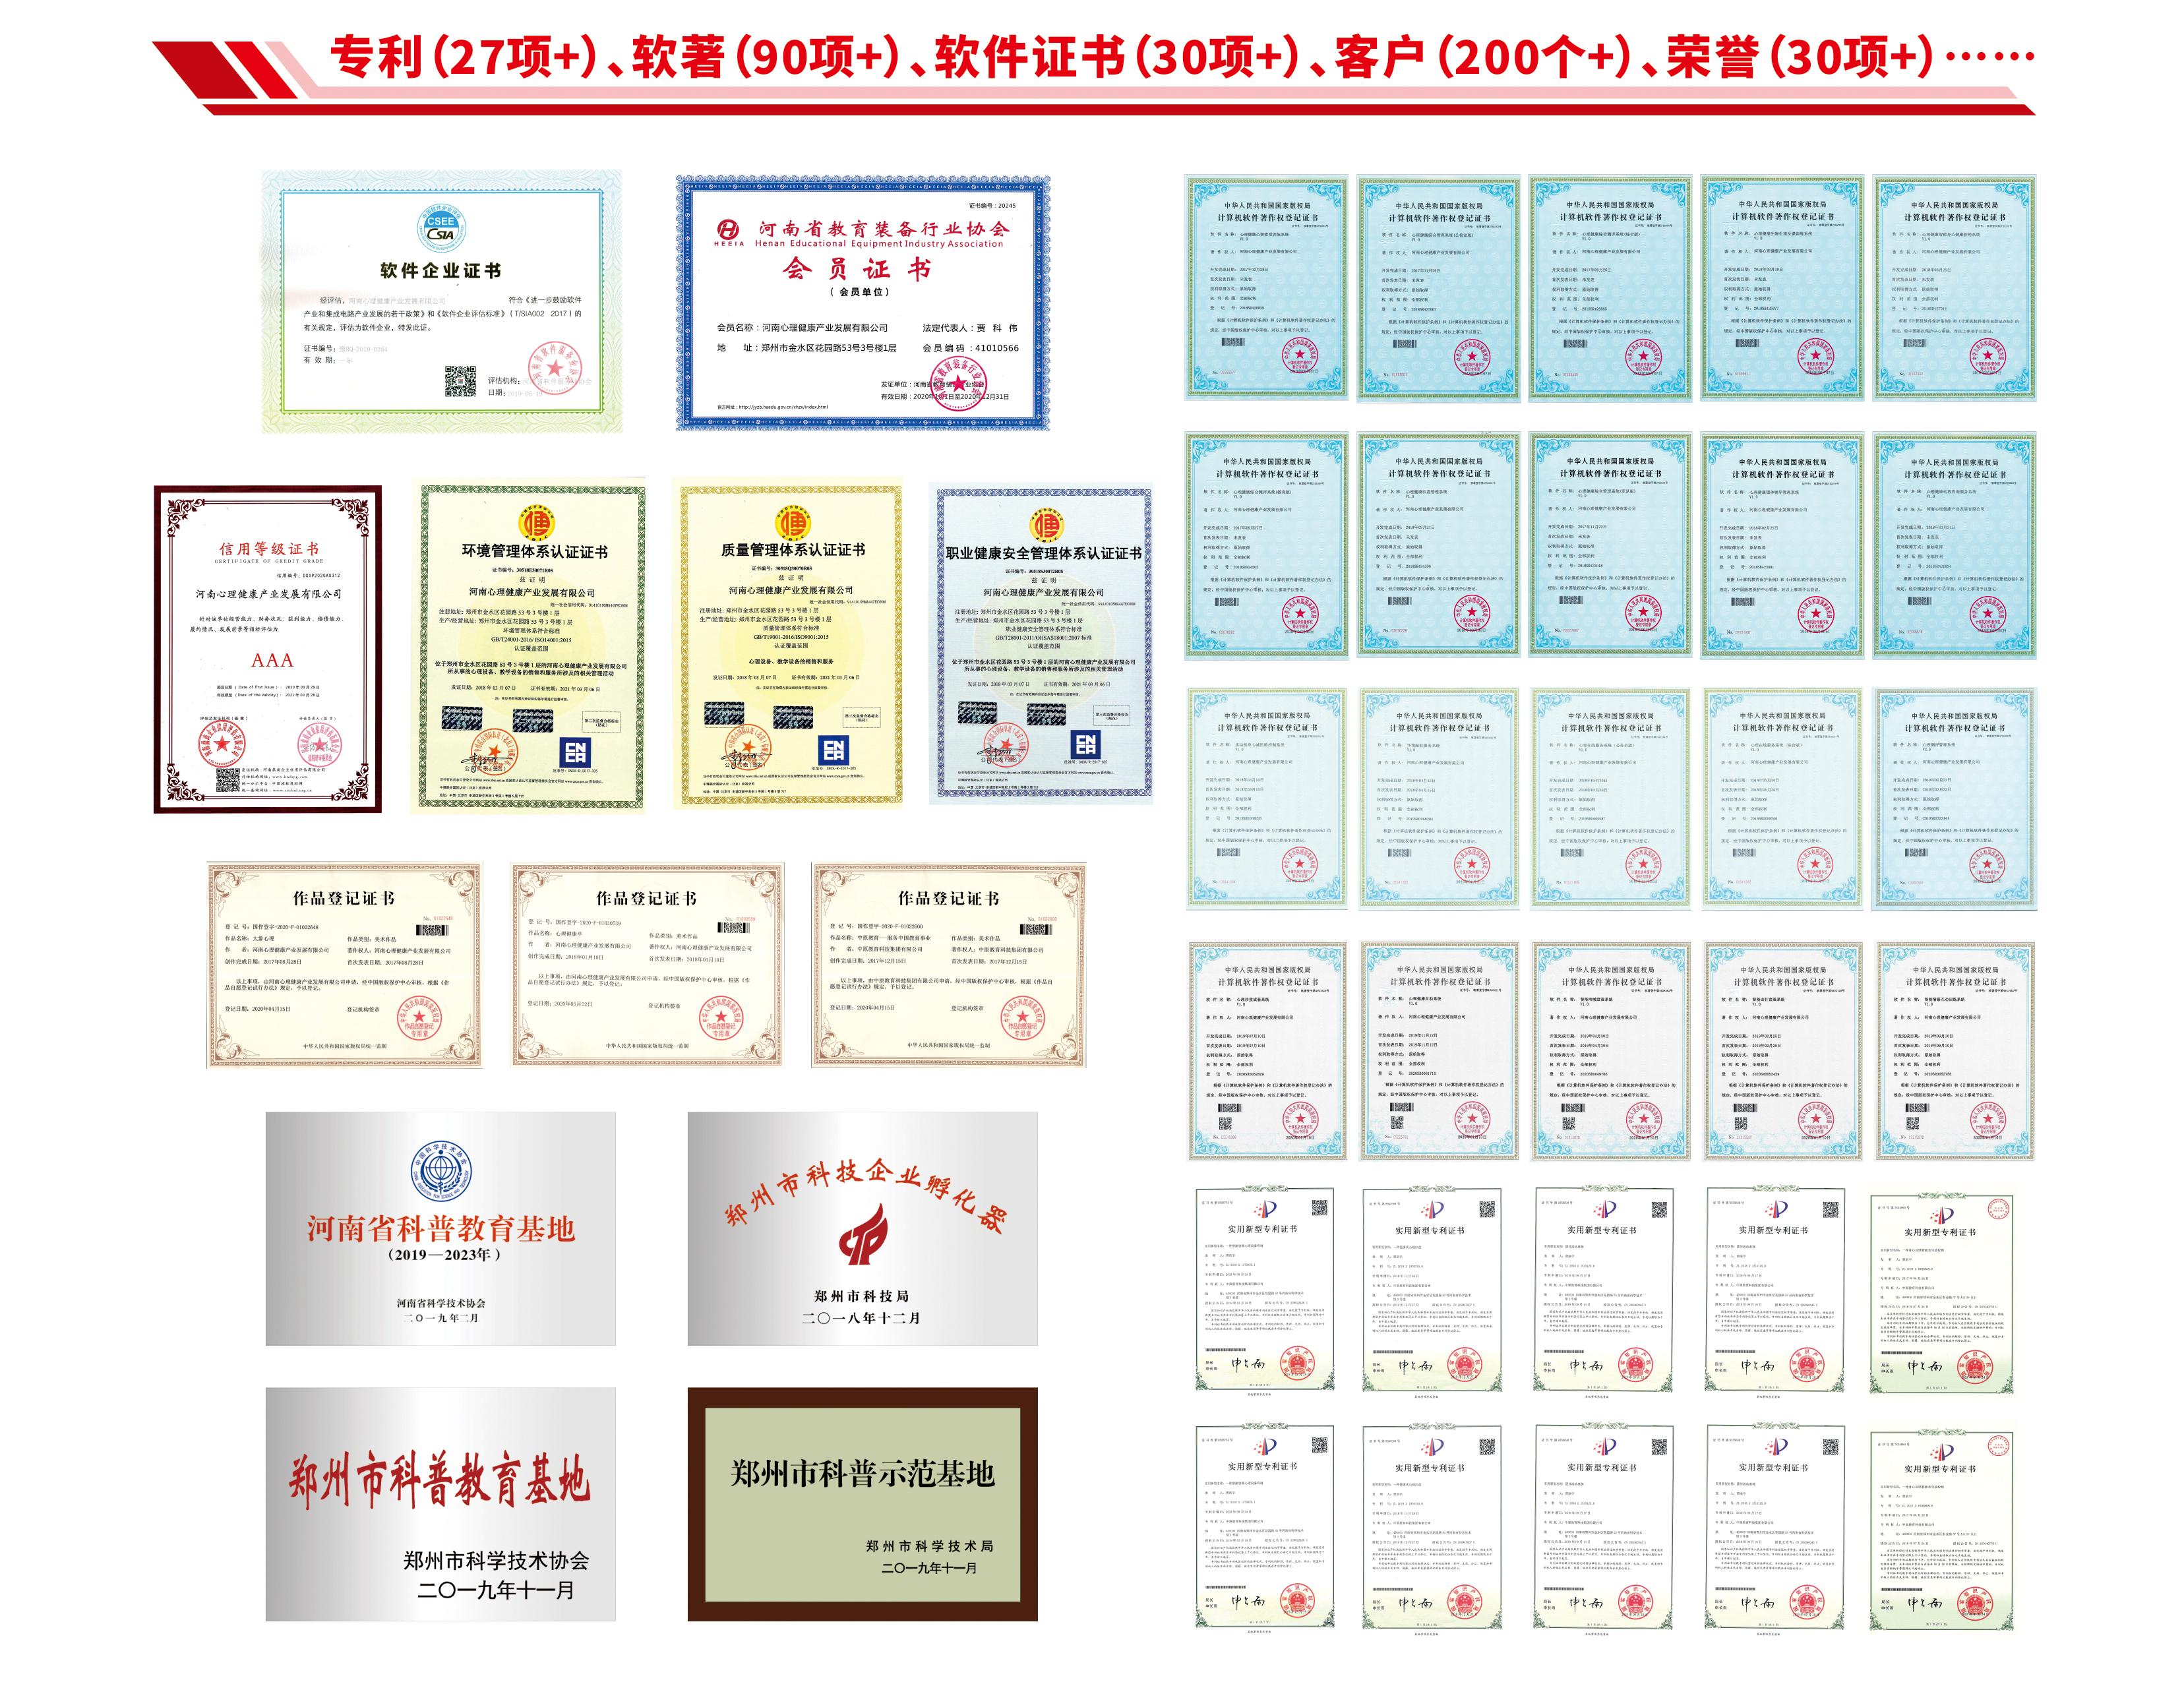 大象心理——服务中国心理健康事业